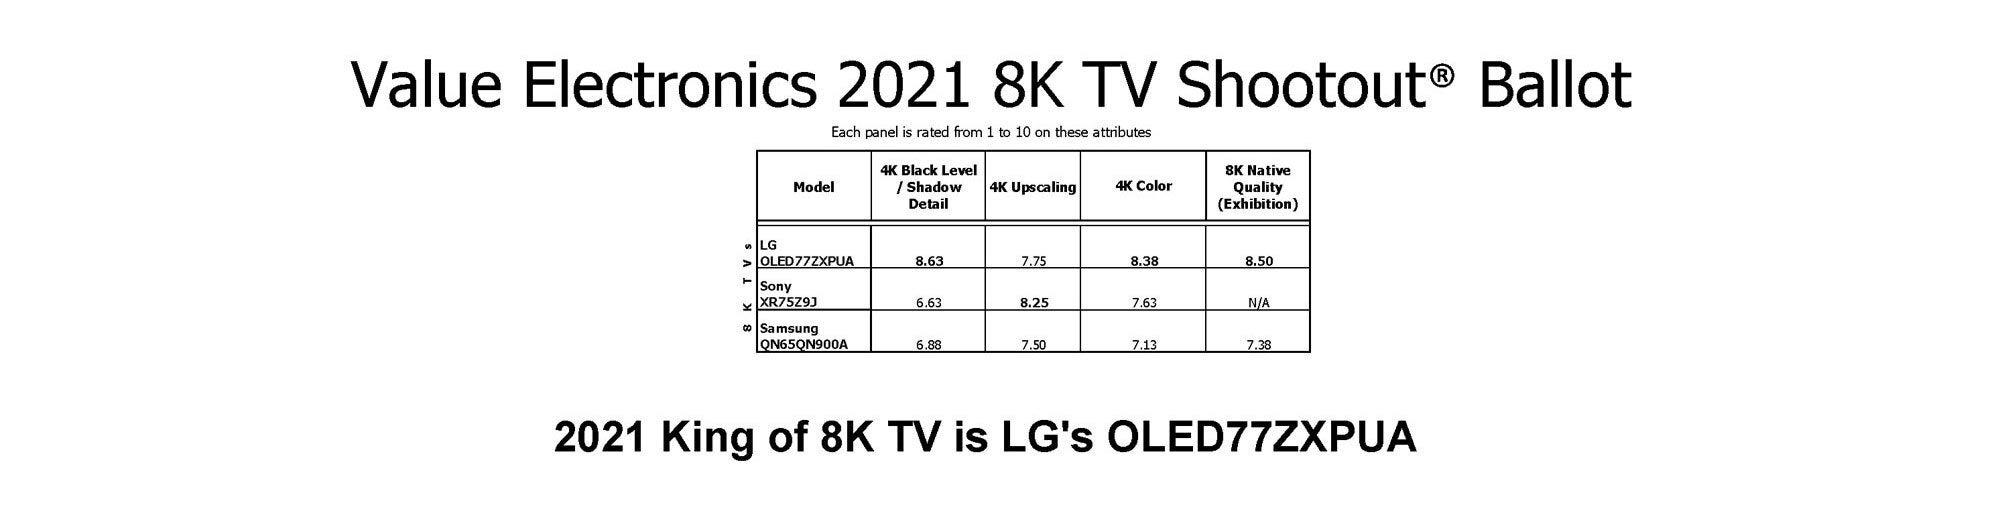 2021-ve-shootout-8k-results